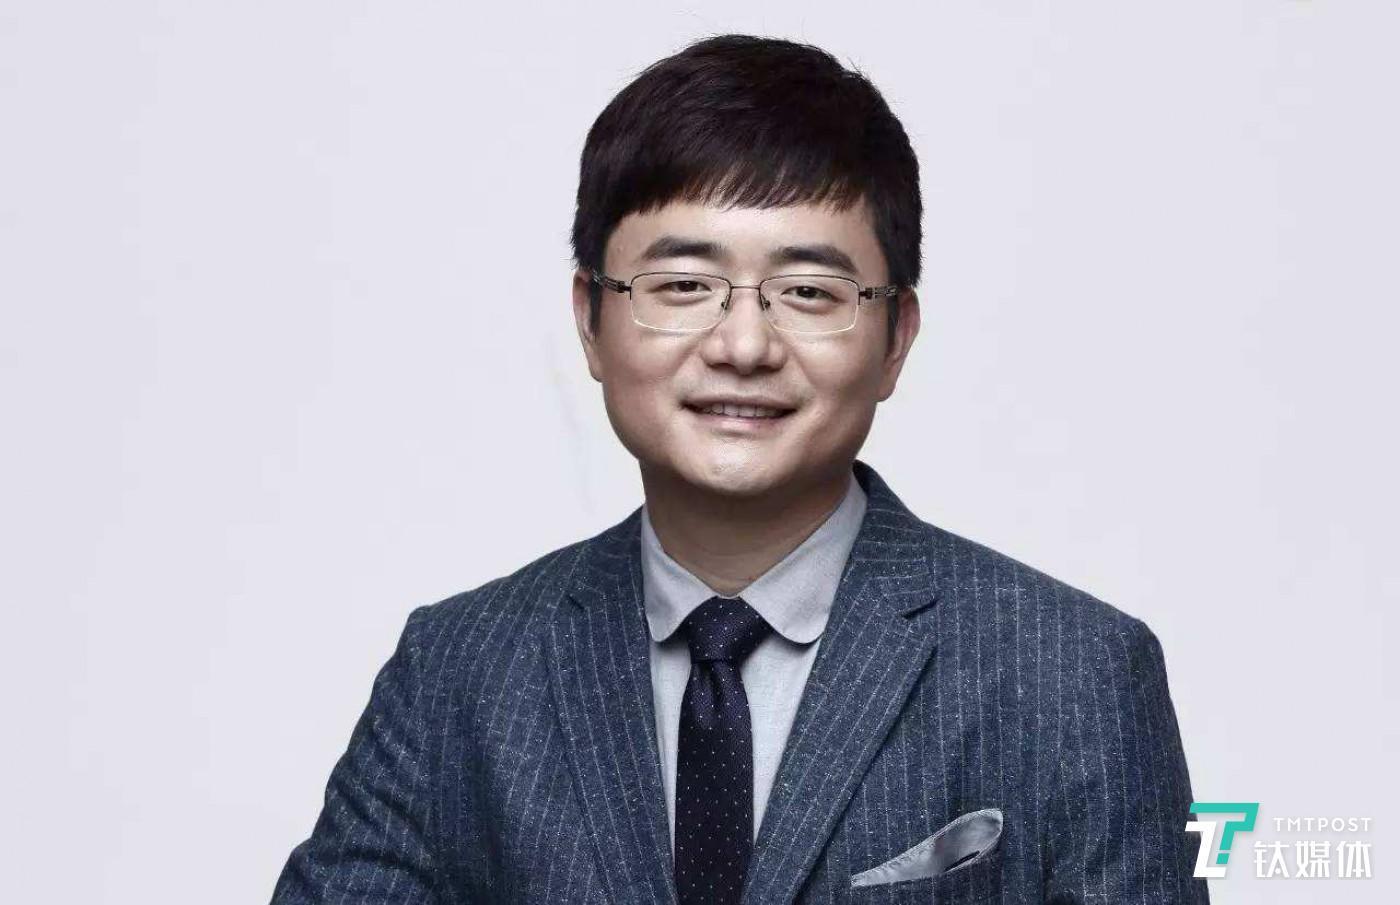 猎豹移动 CEO 傅盛